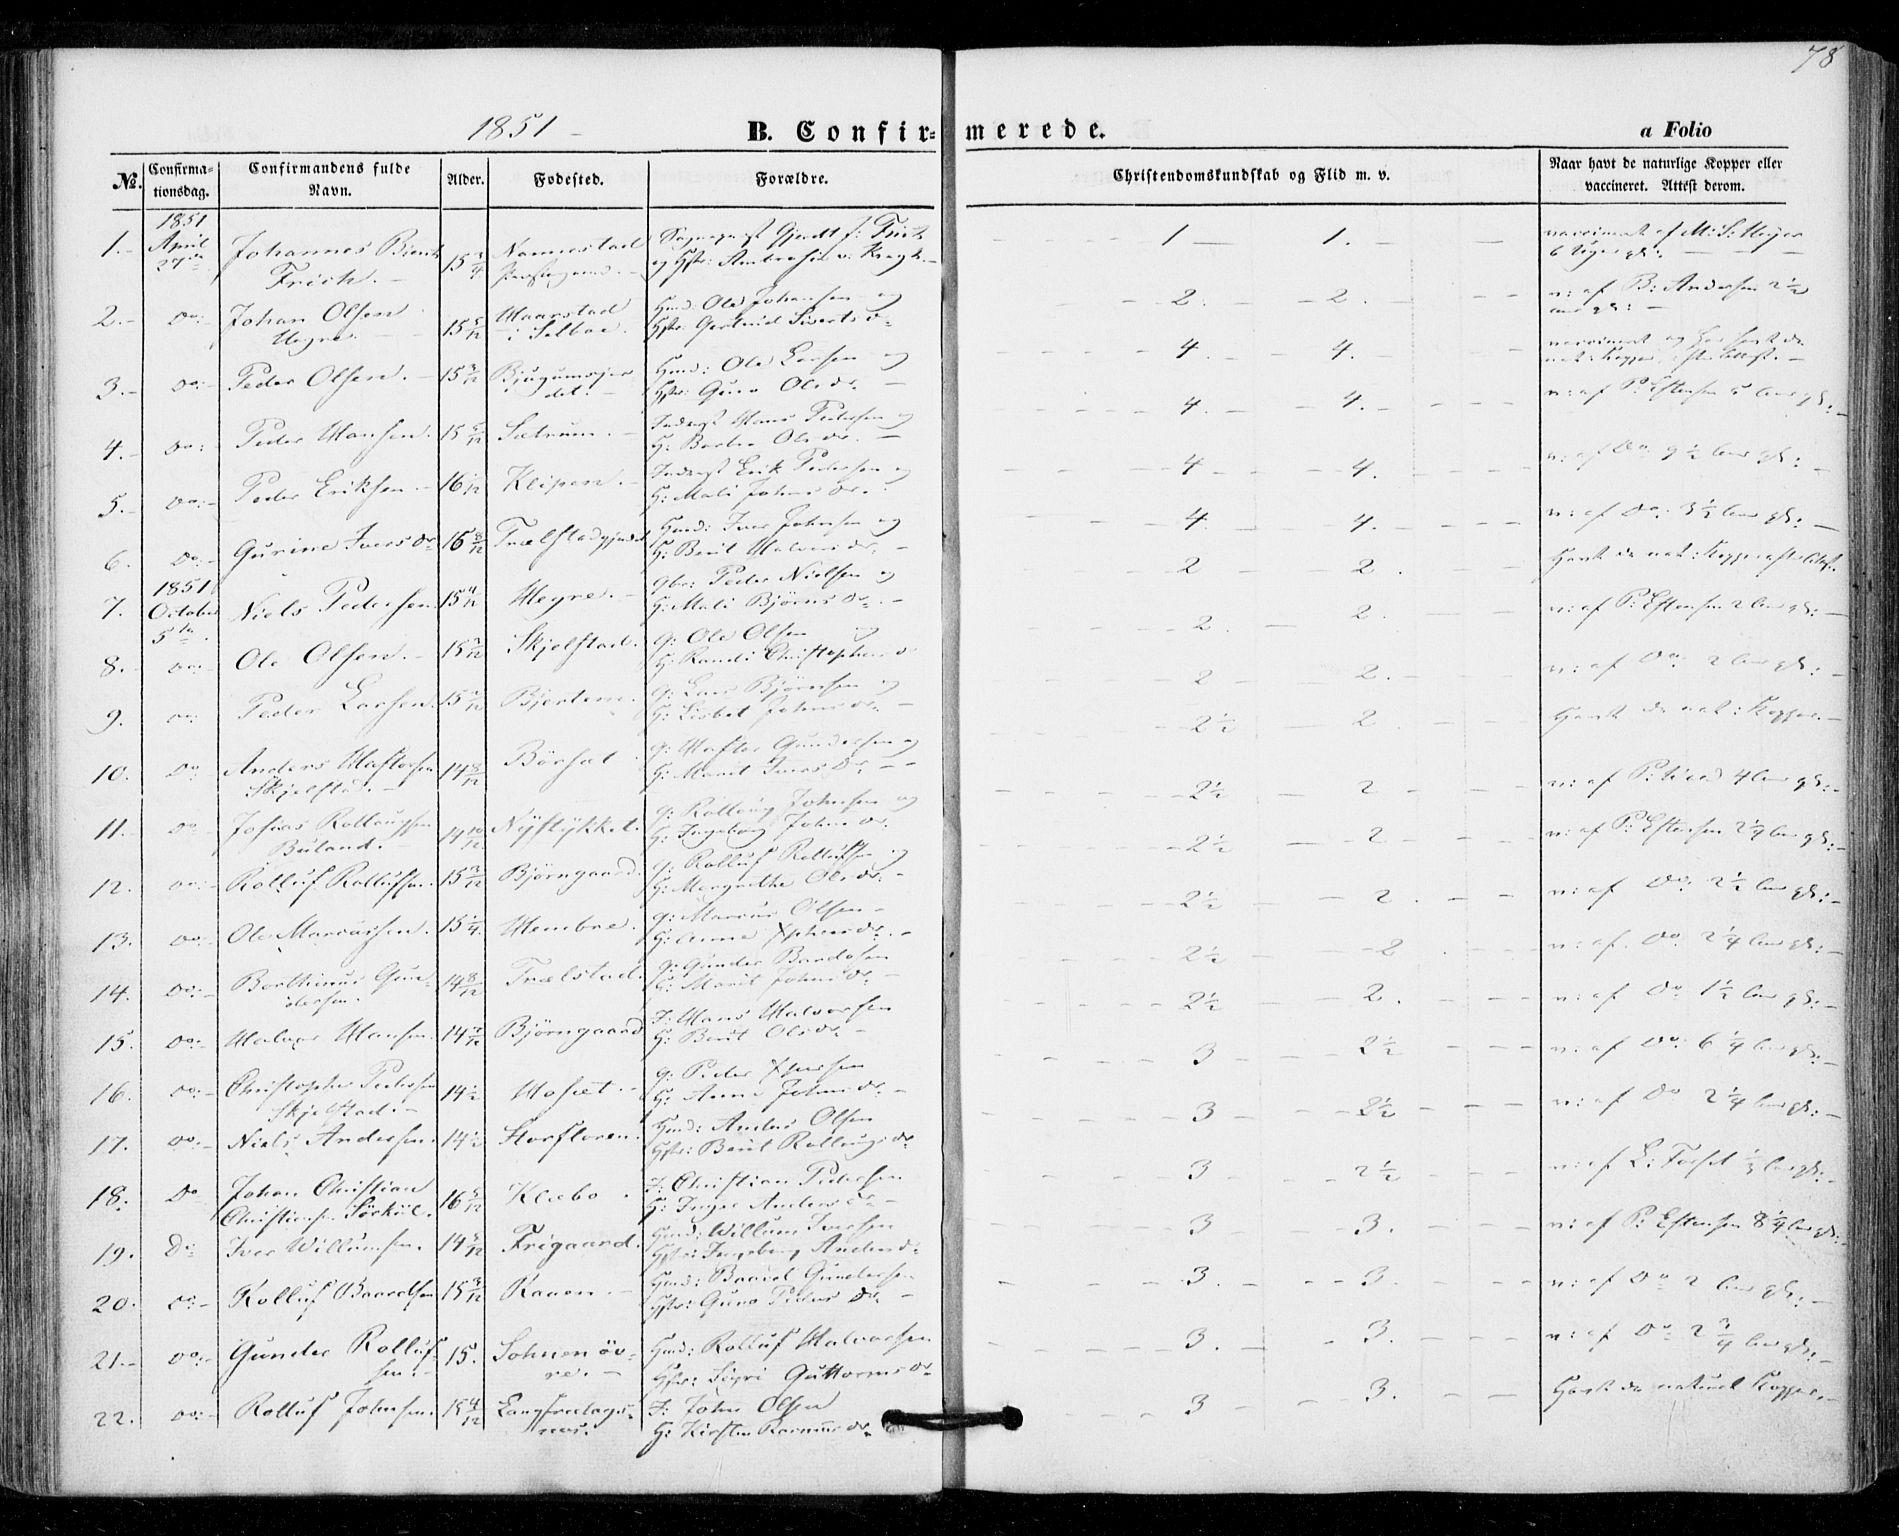 SAT, Ministerialprotokoller, klokkerbøker og fødselsregistre - Nord-Trøndelag, 703/L0028: Ministerialbok nr. 703A01, 1850-1862, s. 78